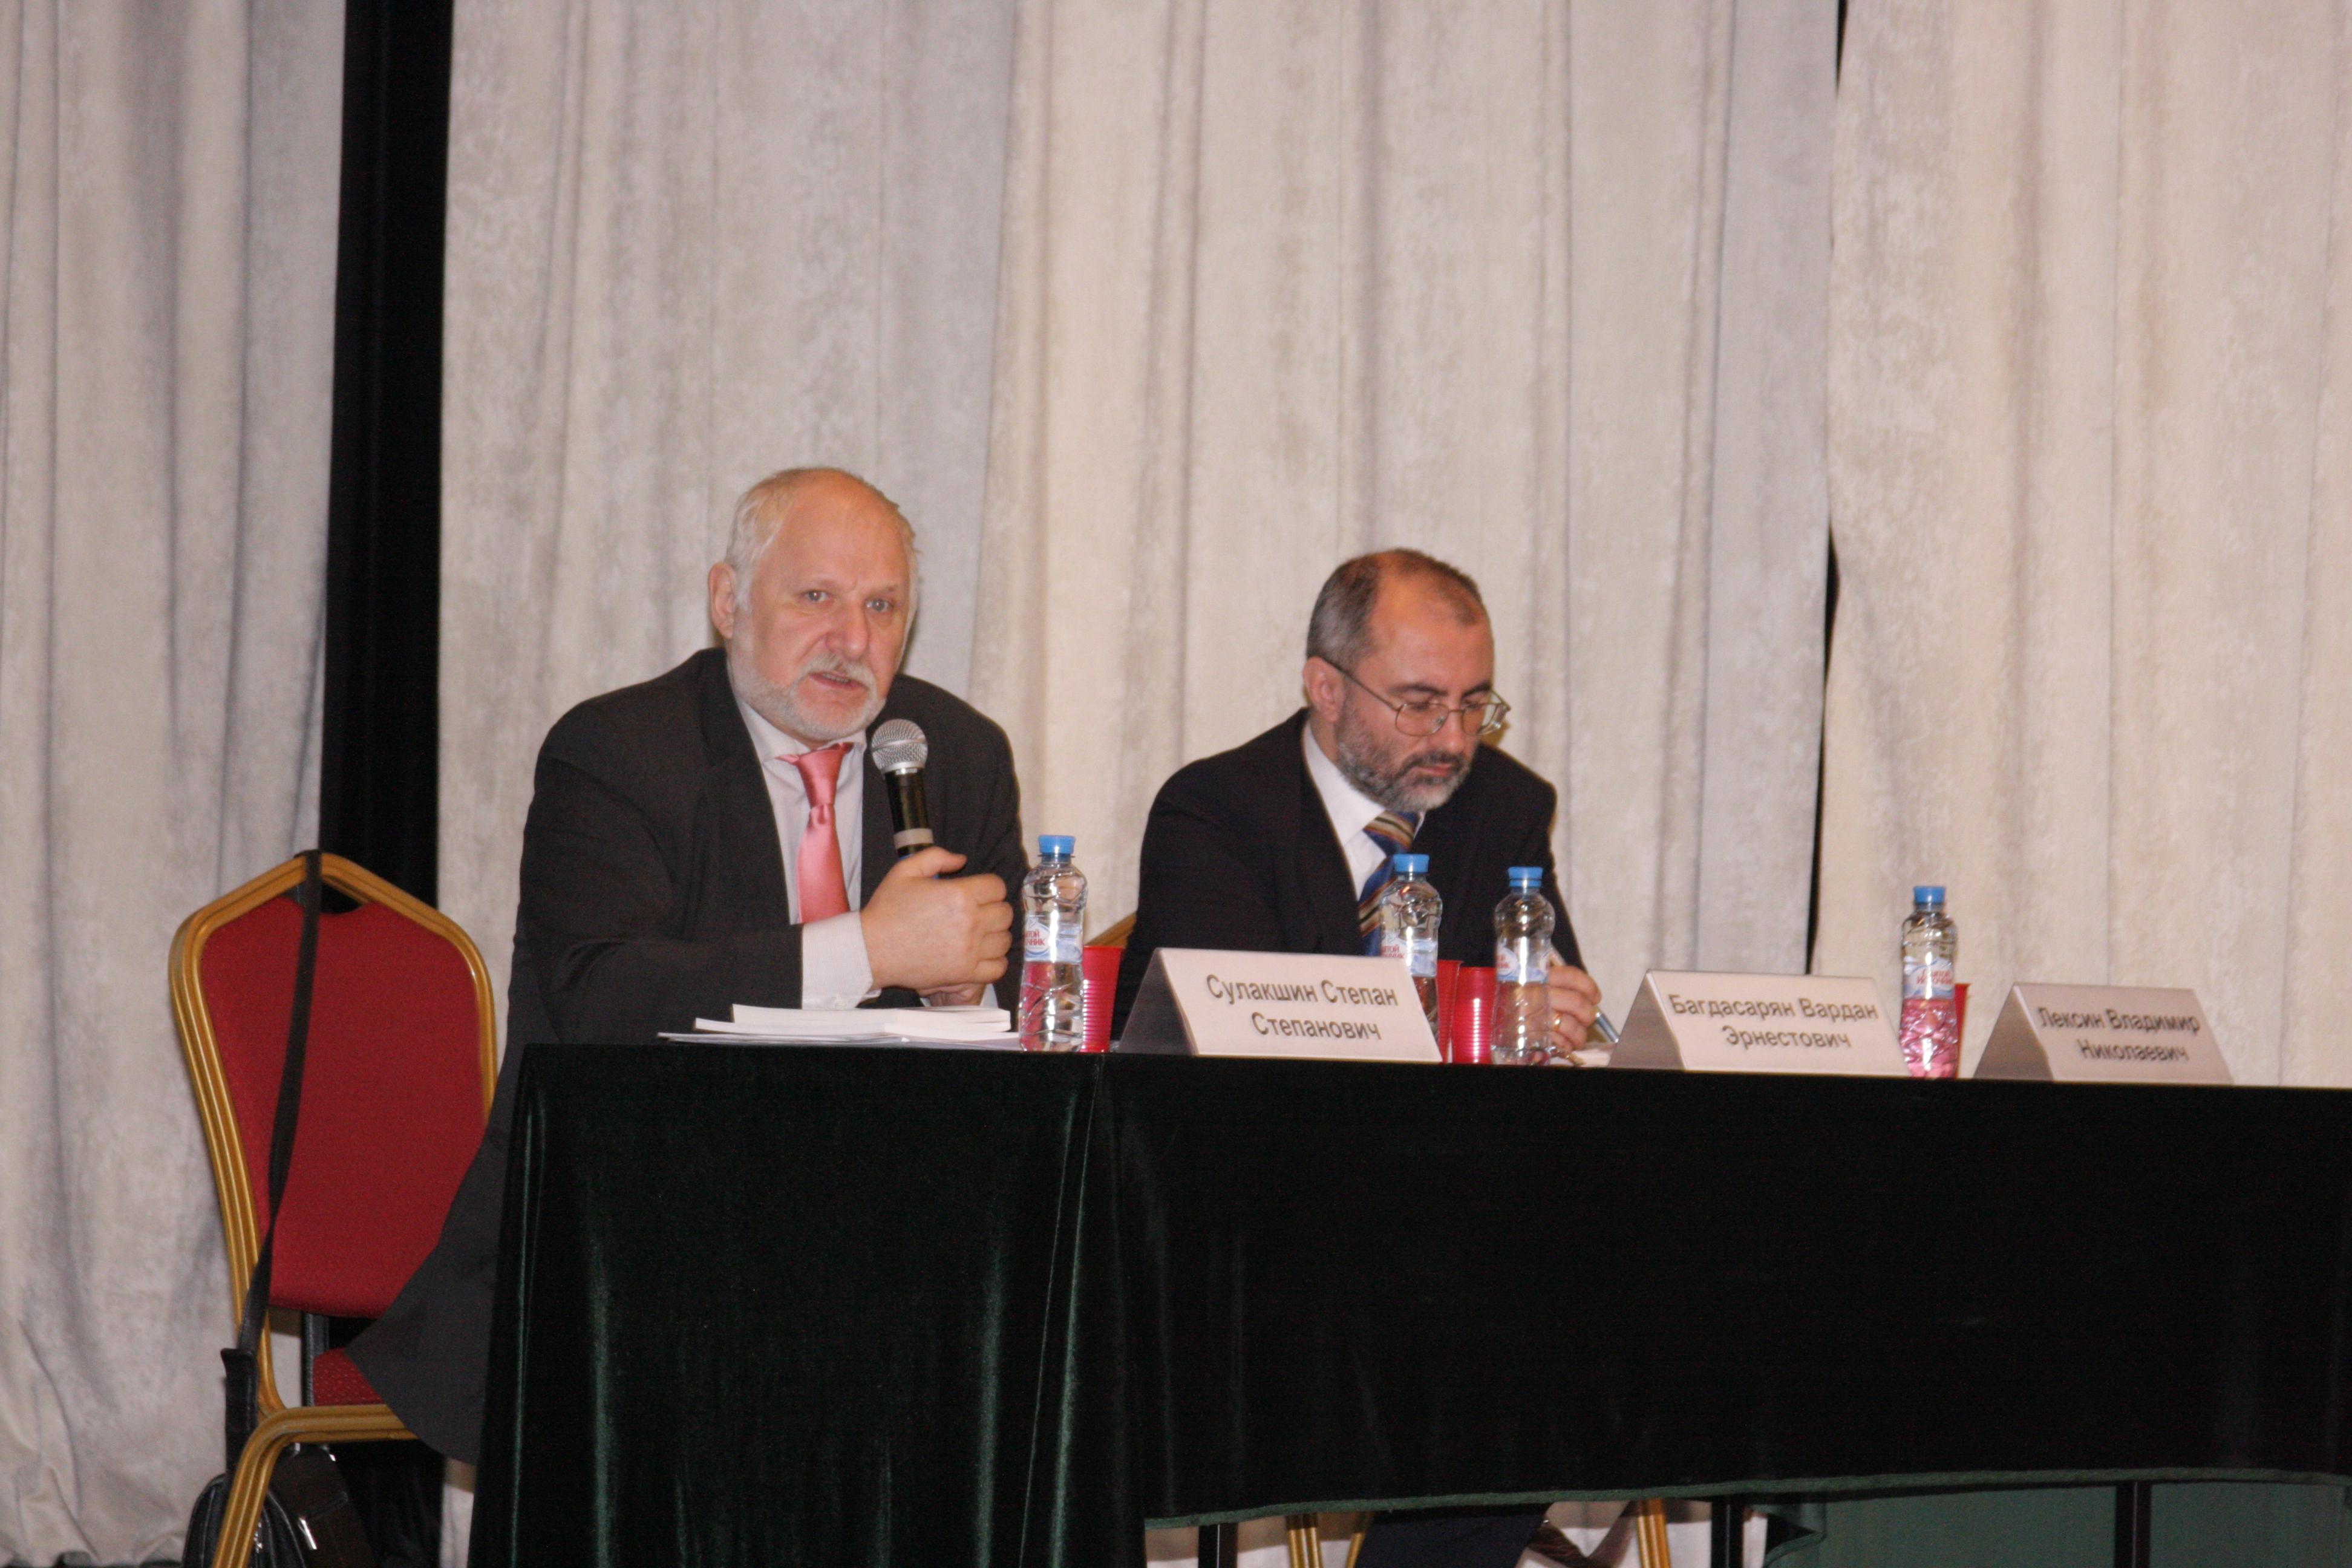 Степан Сулакшин (слева), гендиректор Центра научной политической мысли и идеологии. Фото: Ульяна Ким/Великая Эпоха